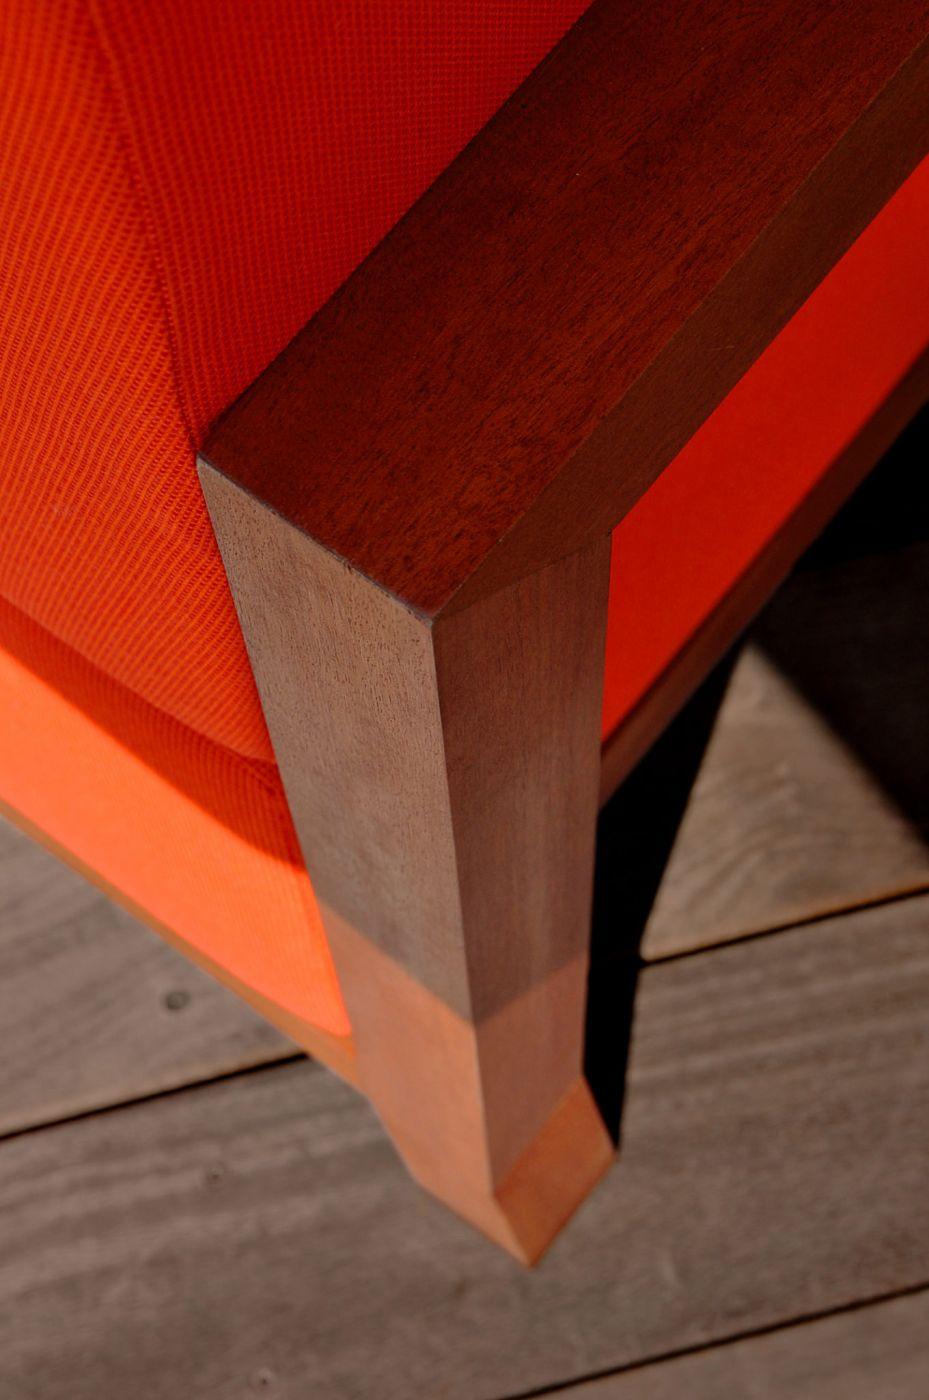 chauffeuse de jardin design orange pour terrasse